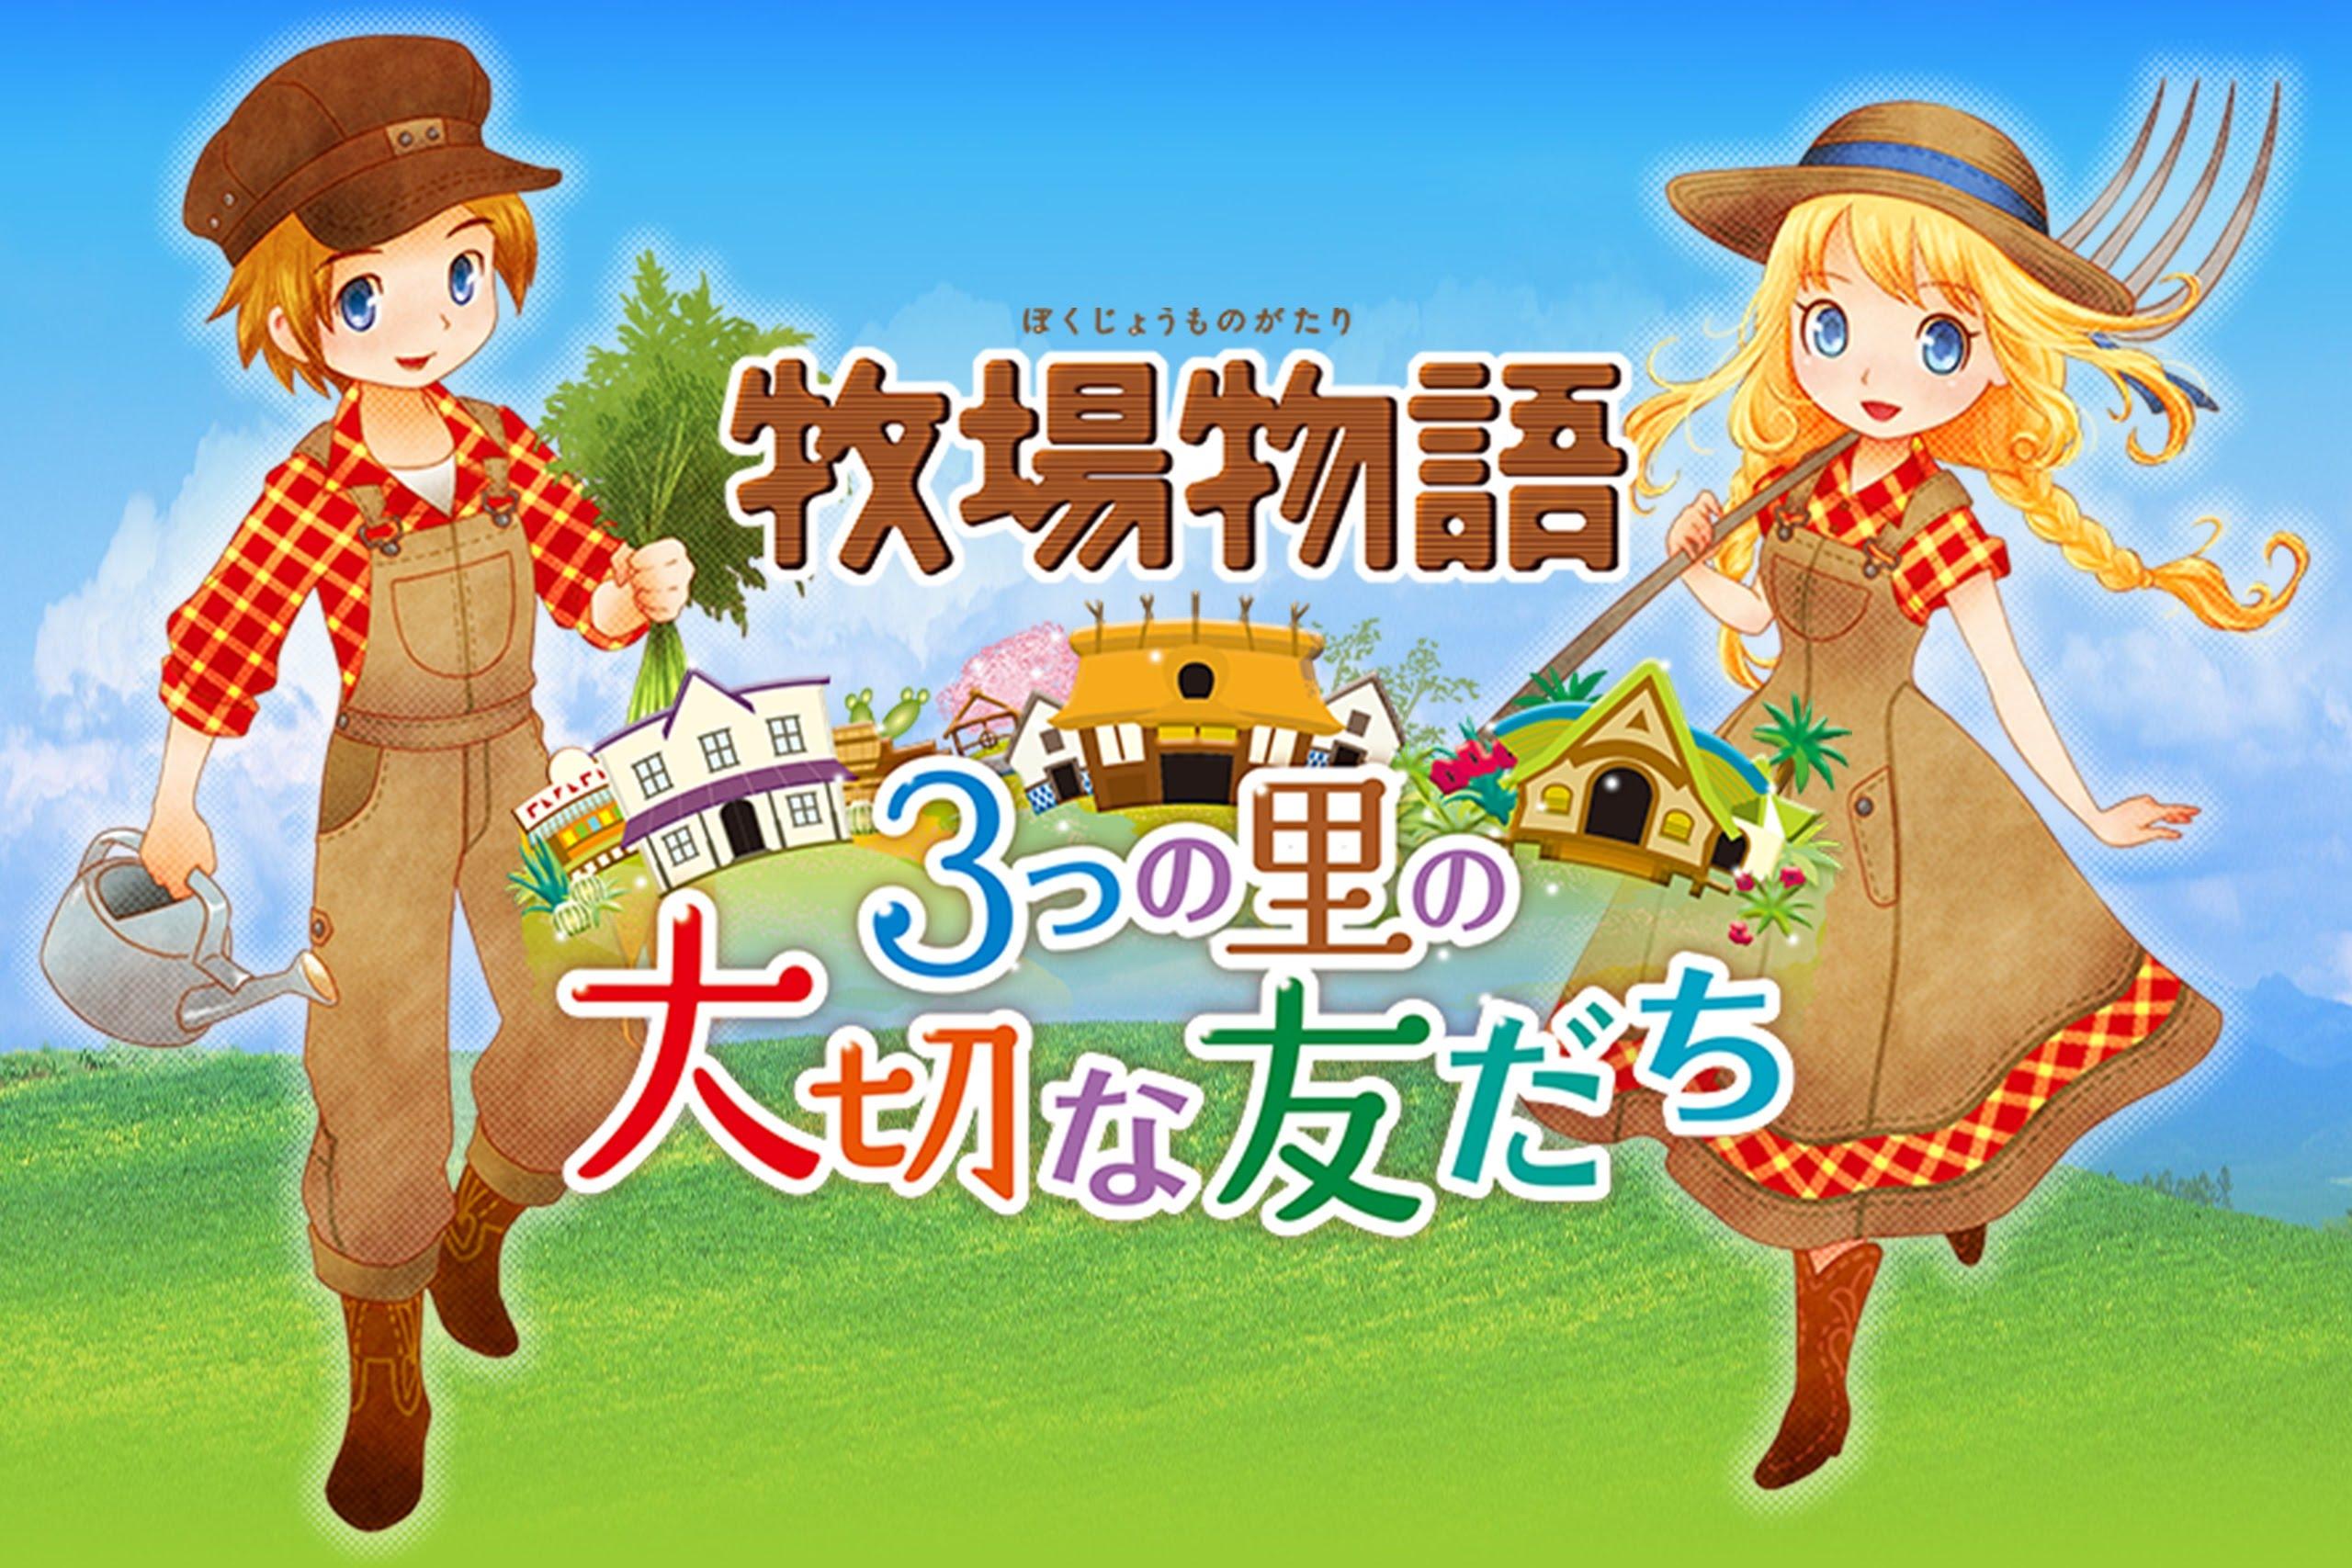 Nueva información sobre Story of Seasons: Friends From Three Villages